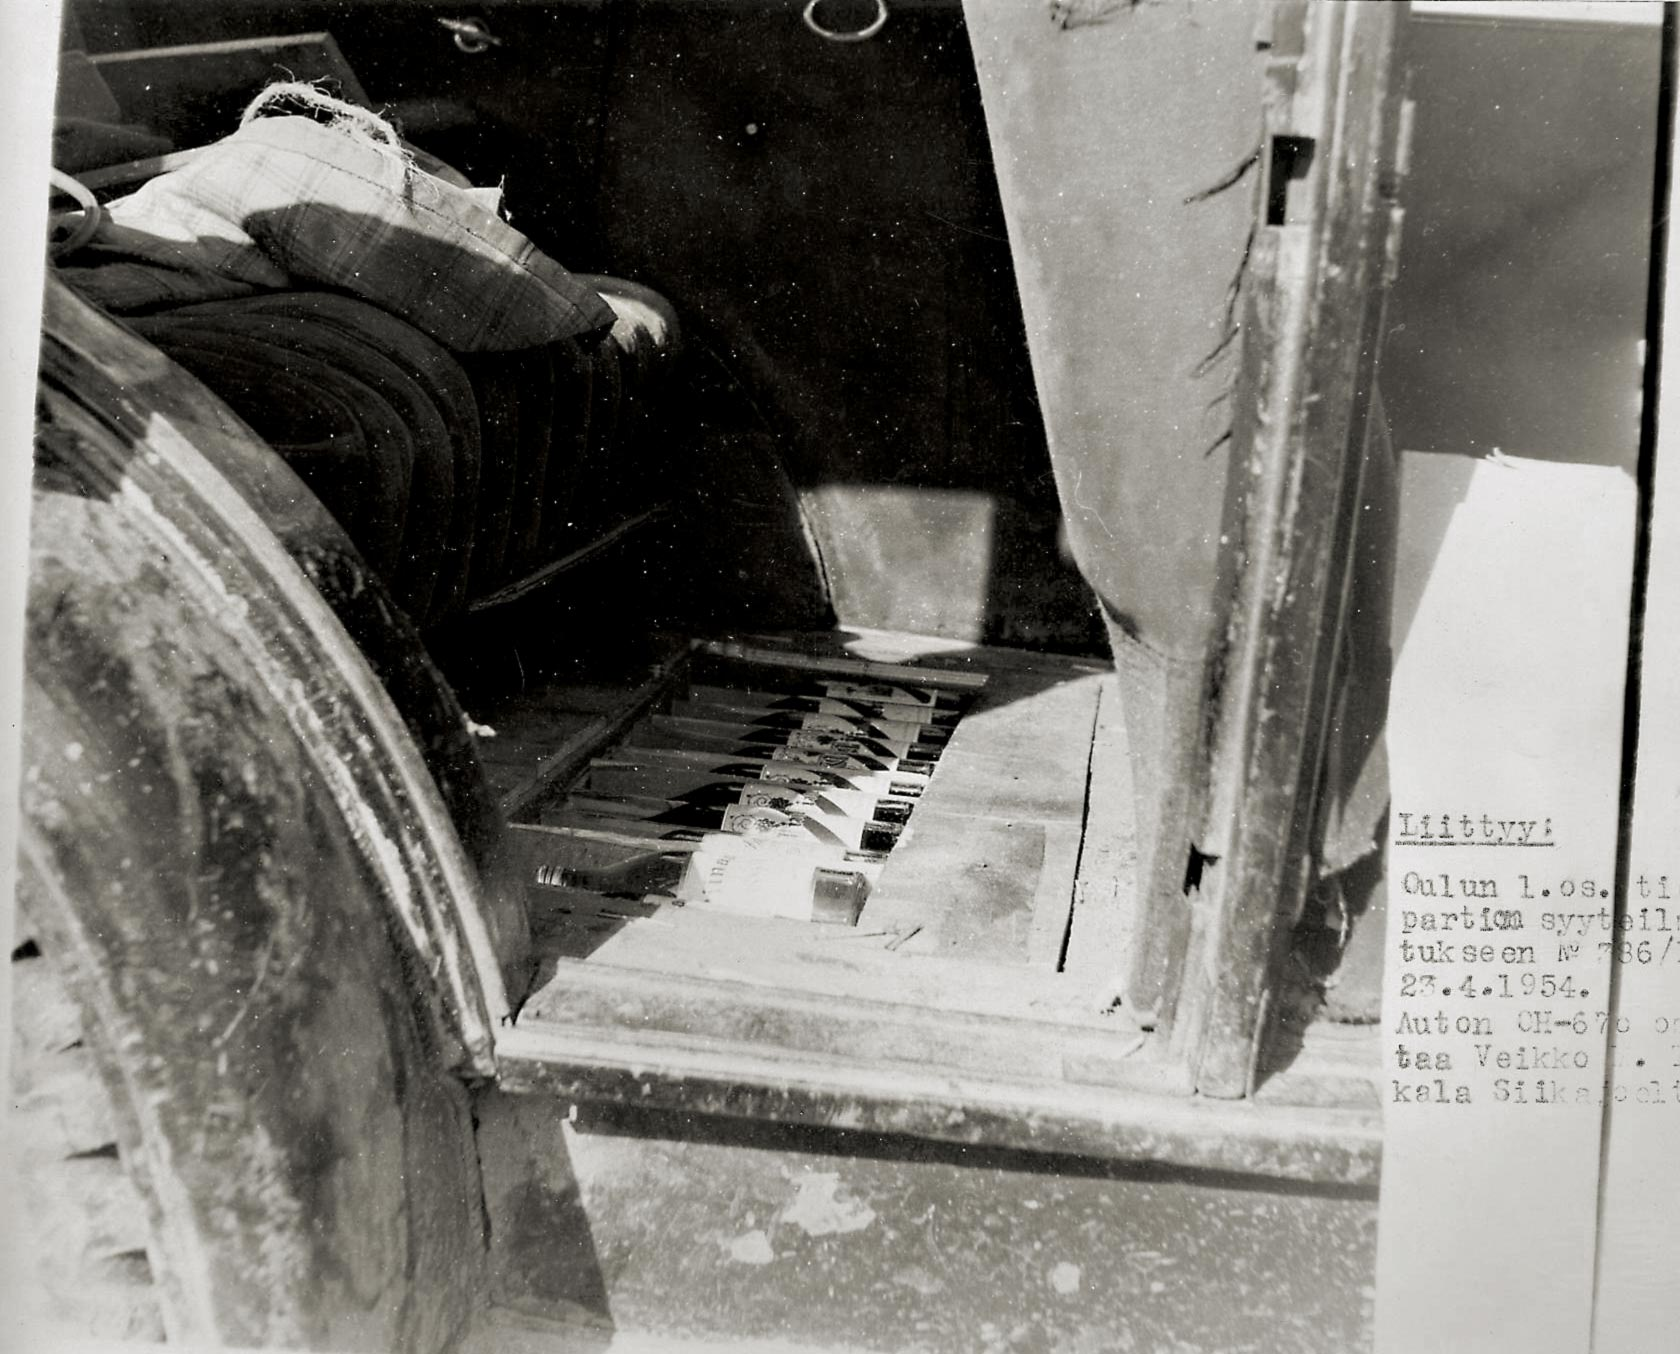 Vielä 50-luvun puolivälissä pimeän väkijuoman kuljetuksissa saatettiin törmätä kuvassa esiintyvän nuhjuisen kanttiauton kaltaisiin ratkaisuihin. Kuva todistaa, että eivät salapohjat olekaan pelkkää urbaanilegendaa. Esitutkintakuva on Oulun seudulta vuodelta -54. Auton rengastus on myös hurjan näköinen: edessä loppuunajetut, takana todella karkeat nappularenkaat.